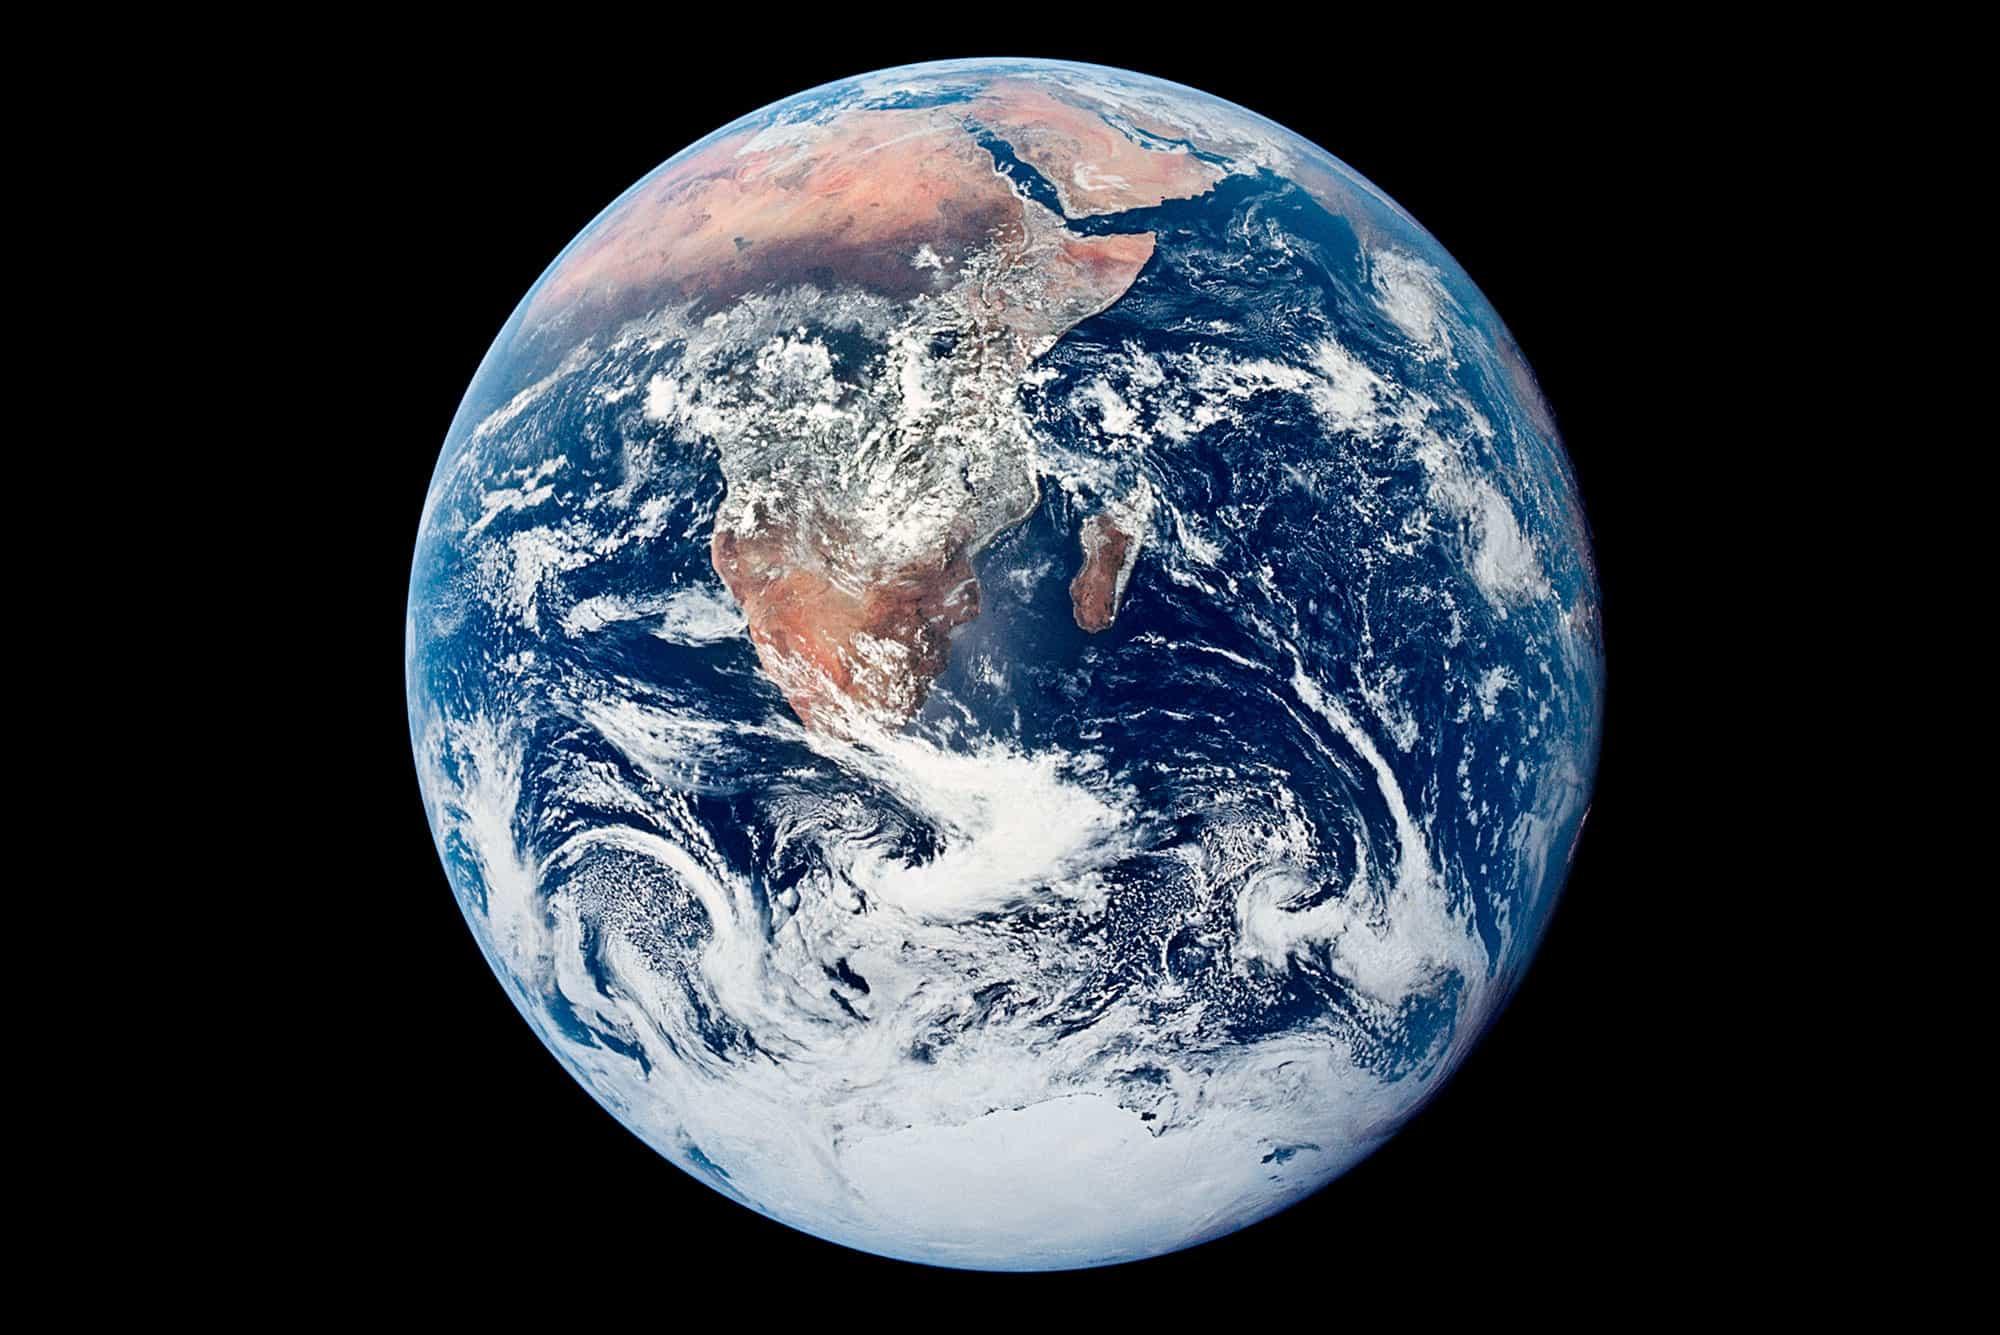 Imagen de la Tierra captada por el Apolo 17